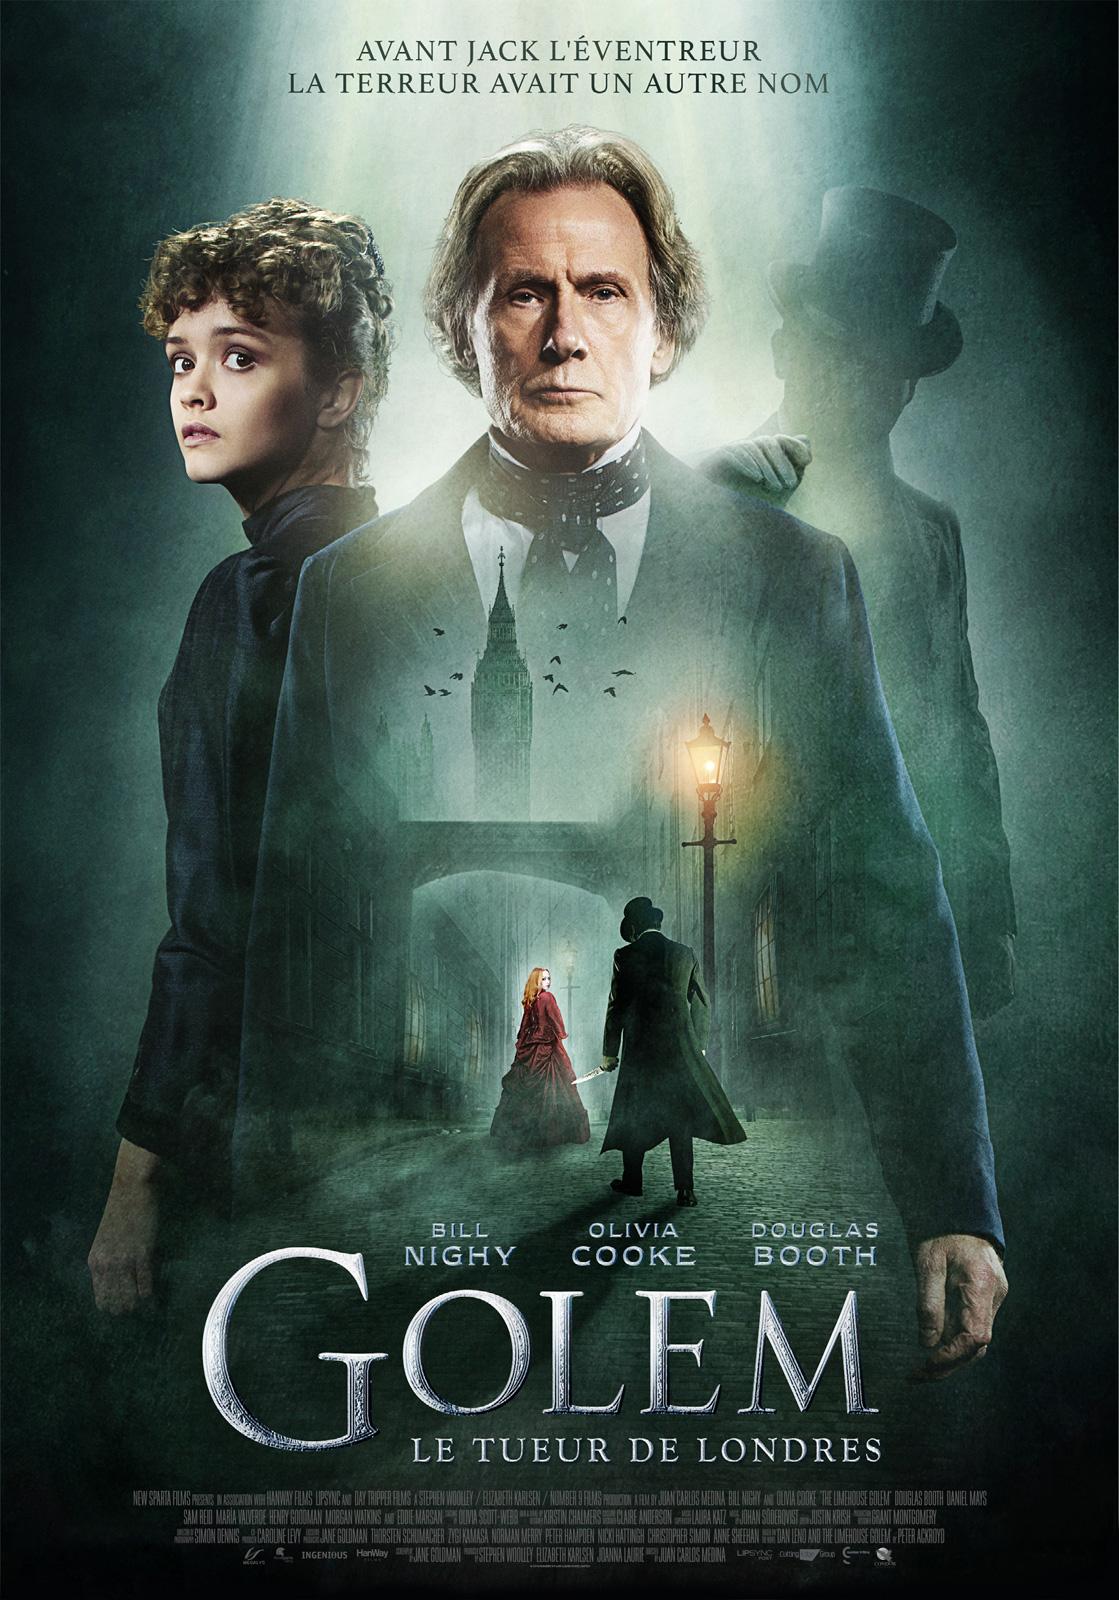 GOLEM, le tueur de Londres Français BDRiP